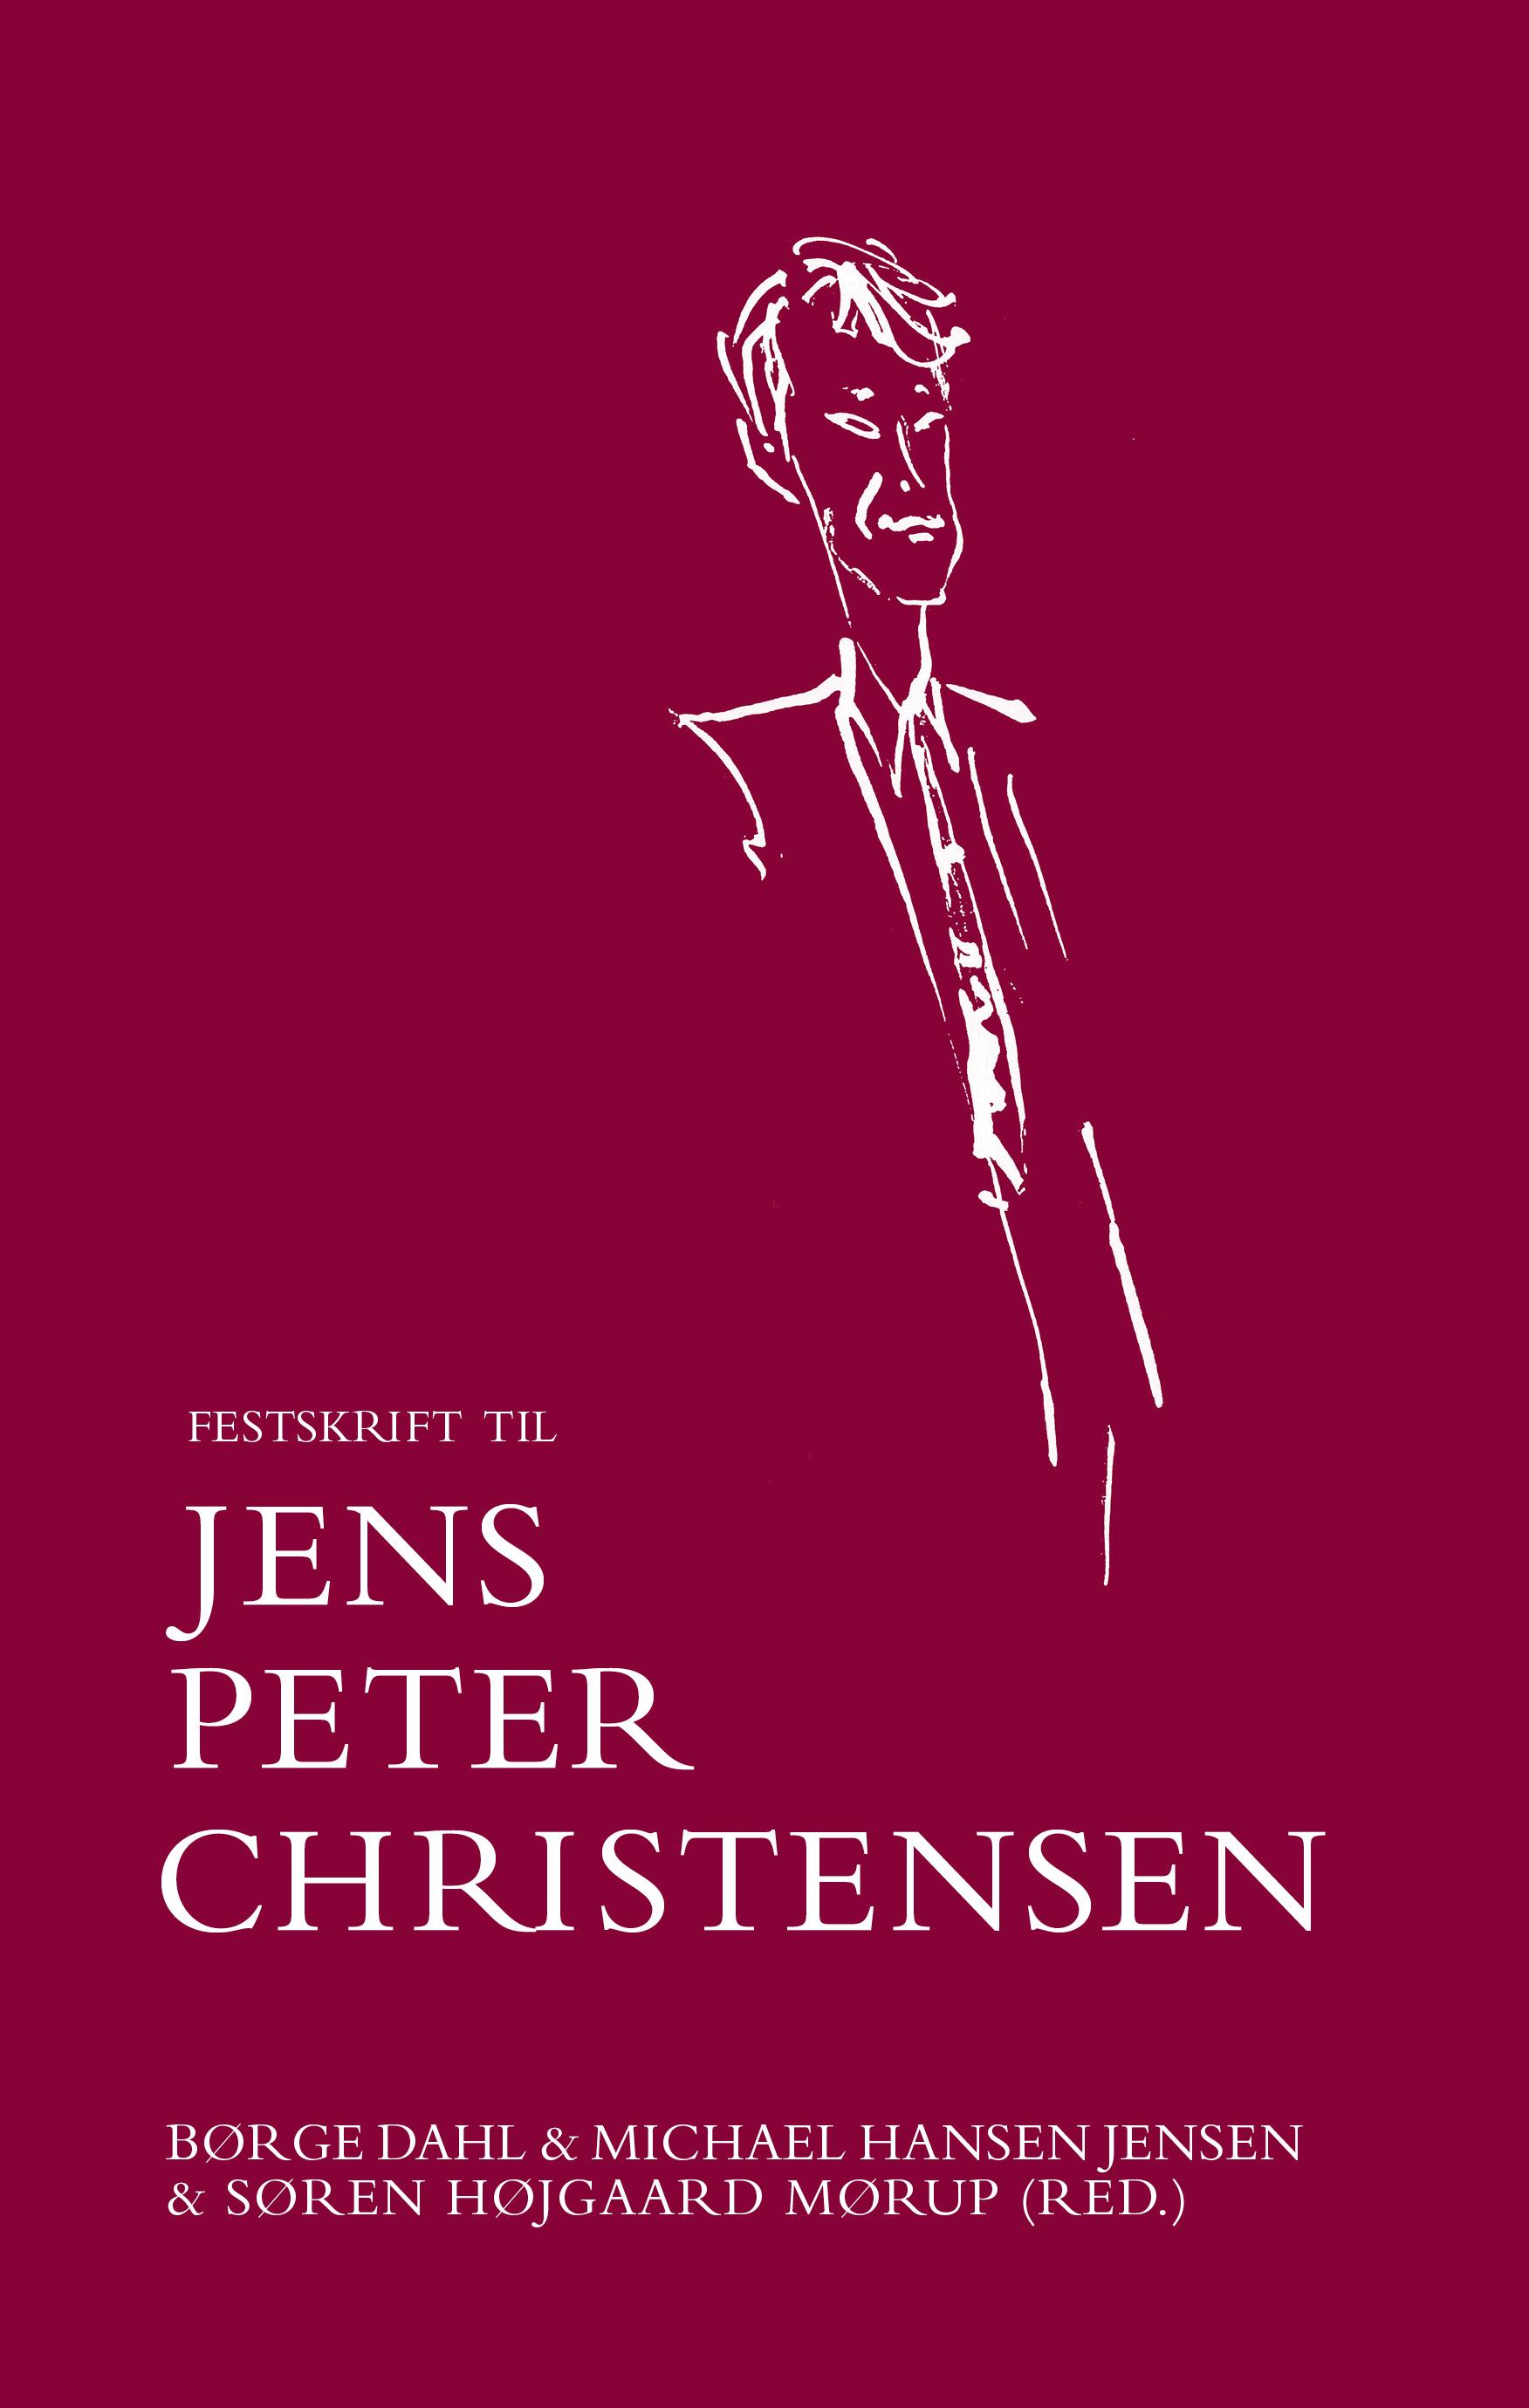 Festskrift til Jens Peter Christensen